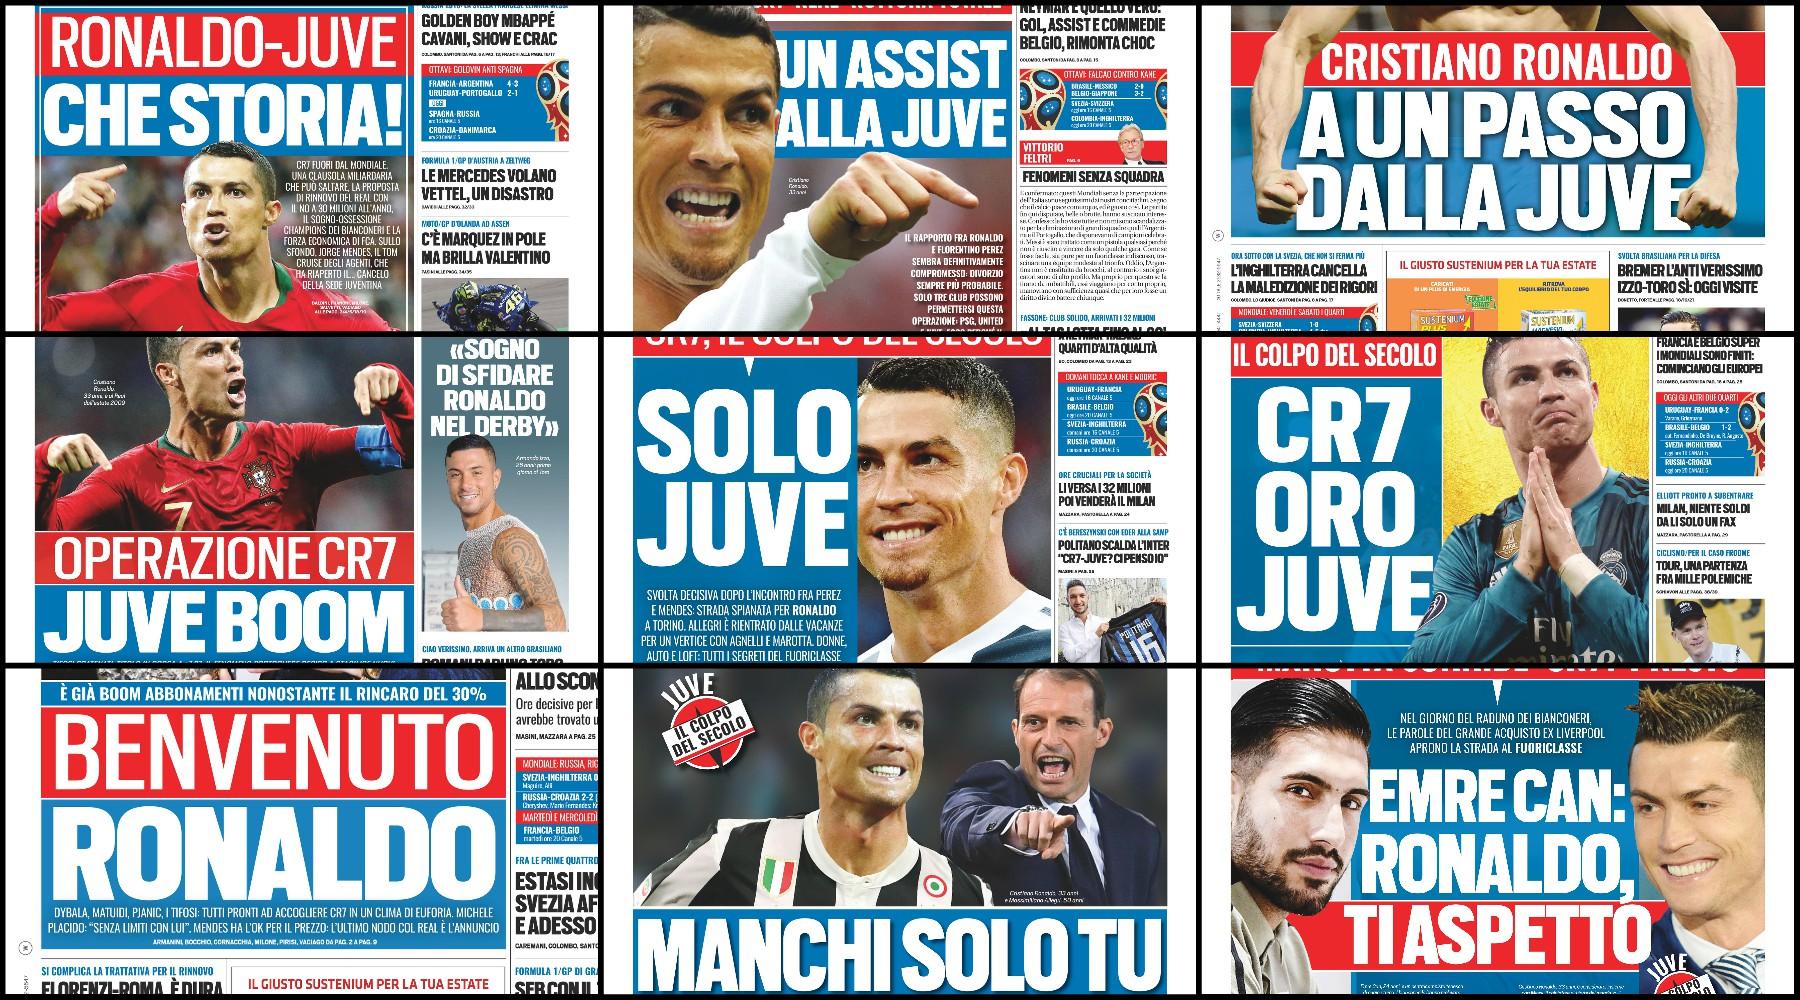 Ronaldo-Juve, la cronologia del colpo su Tuttosport